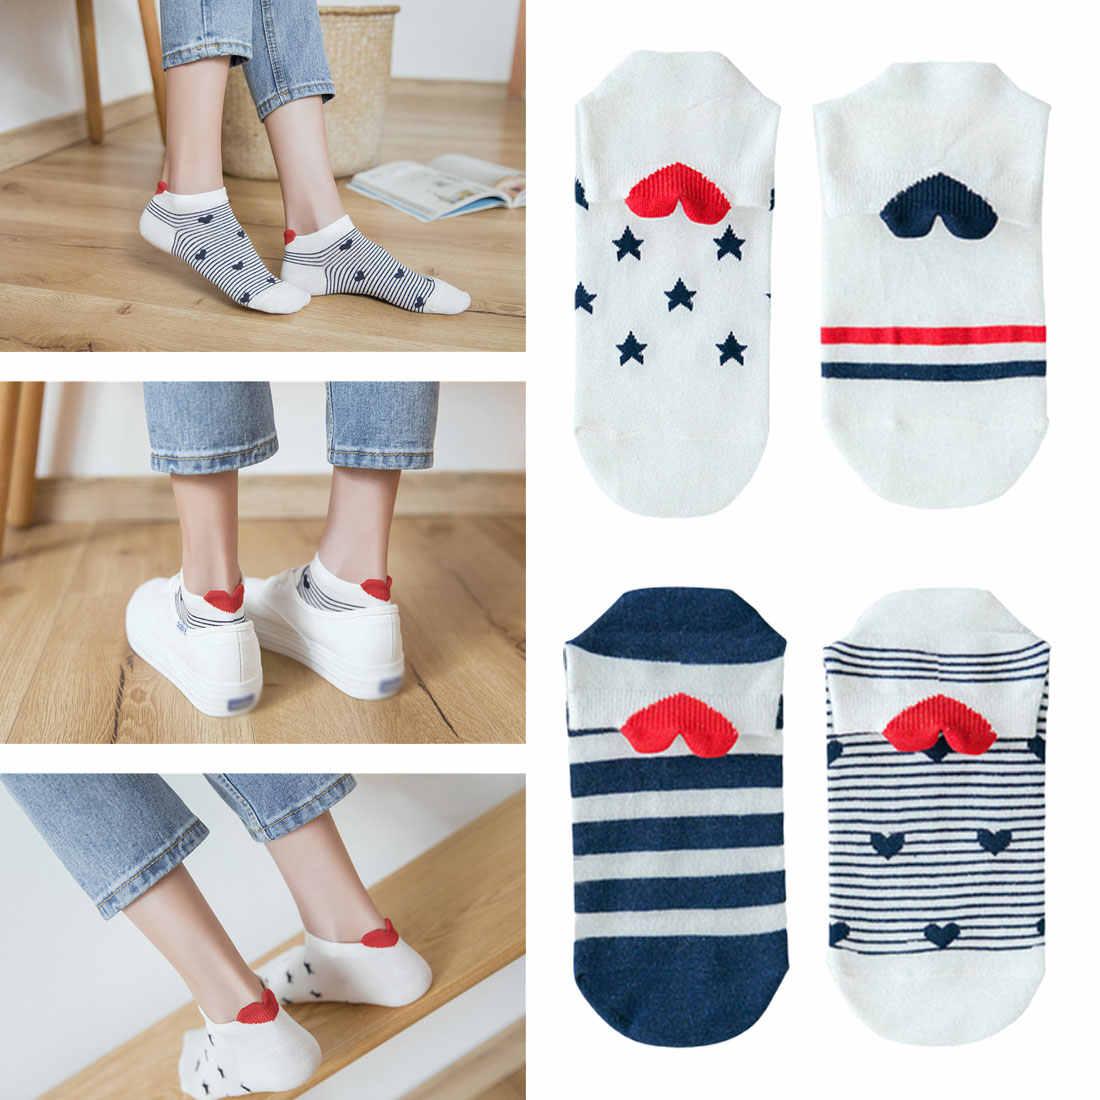 Chaussettes femme chaud coton printemps eté Harajuku Sox fille chaussettes 1 paires femmes chaussettes rouge coeur mignon collège vent Simple basique drôle